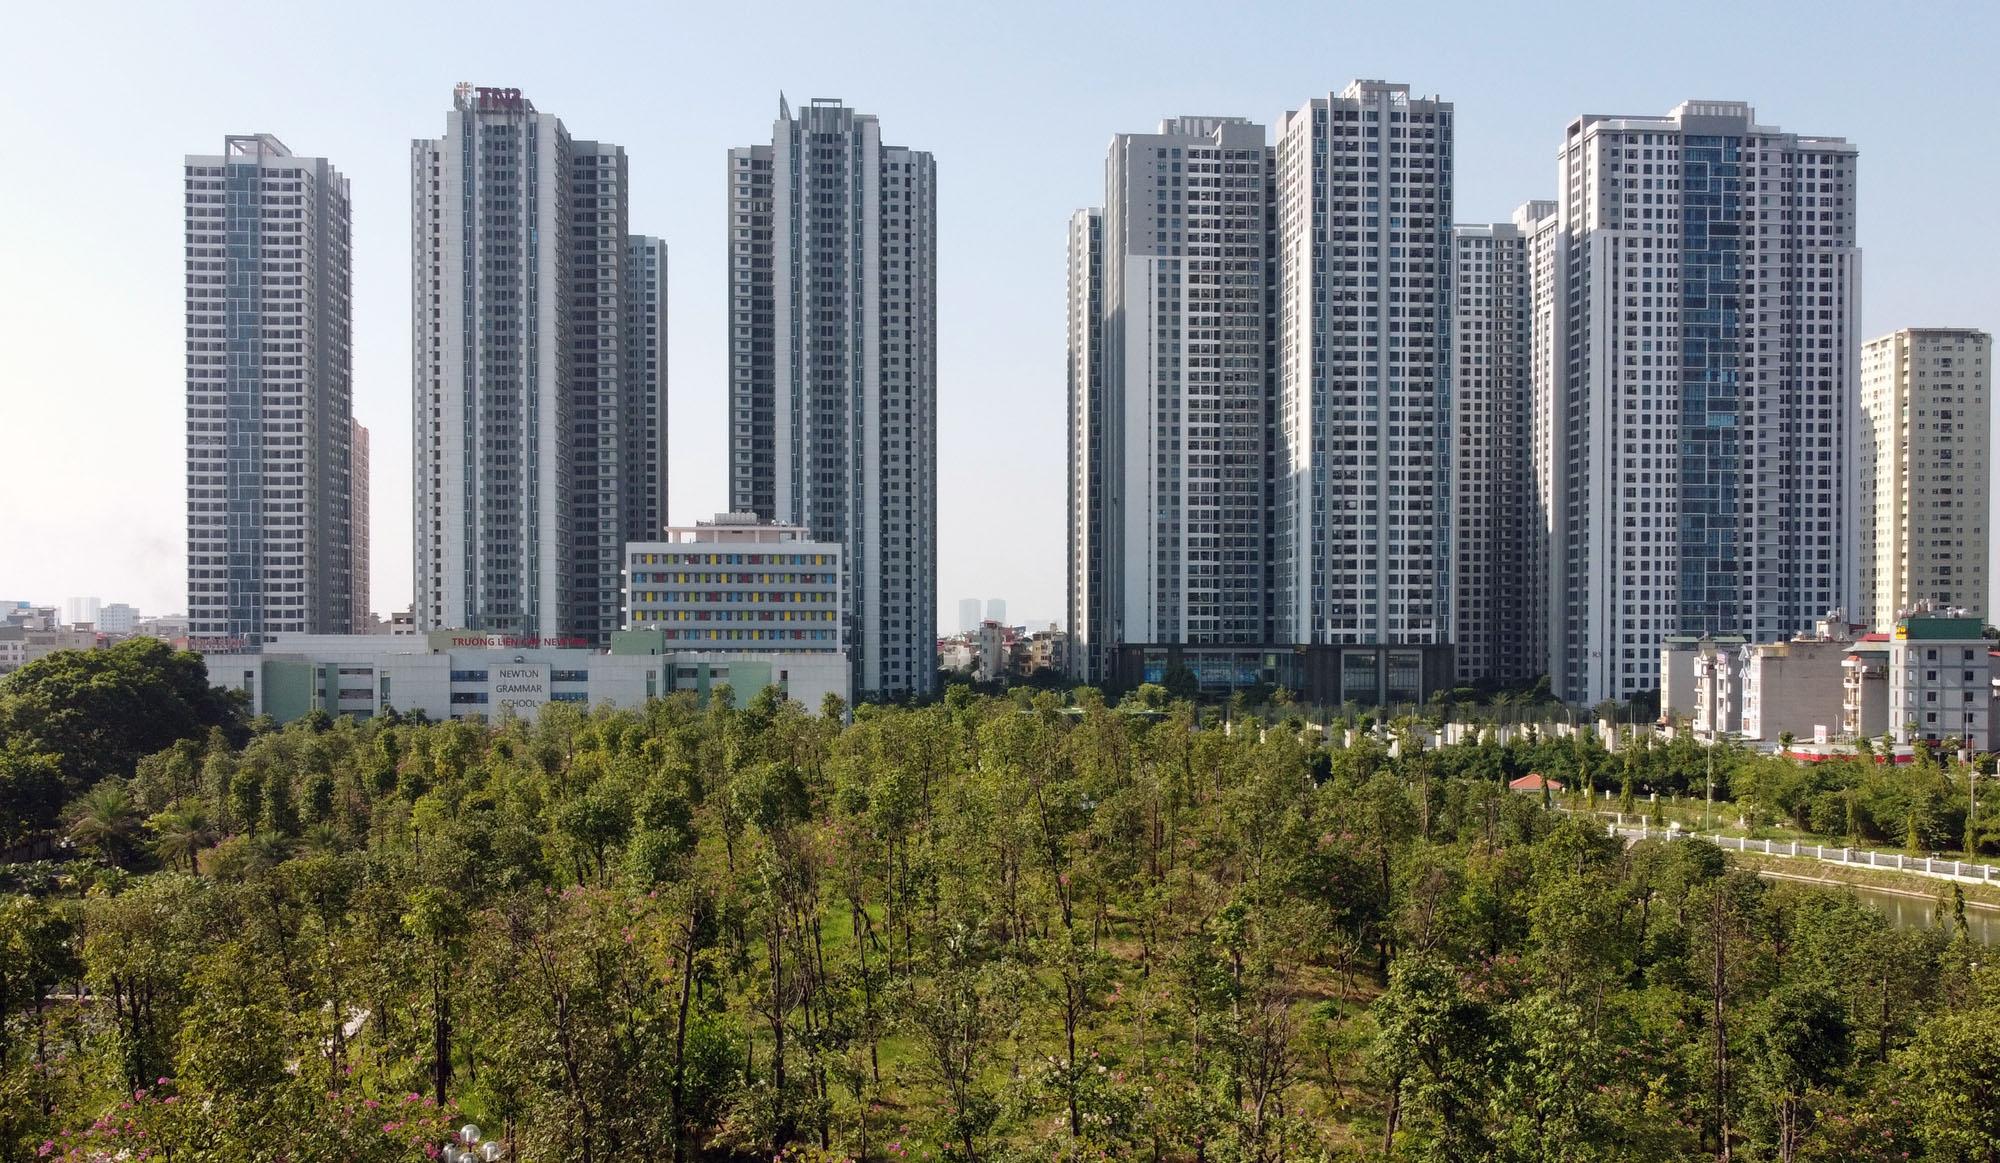 Hàng loạt dự án nhà đất ở Hà Nội phải cung cấp thông tin định kỳ mỗi tháng - Ảnh 1.